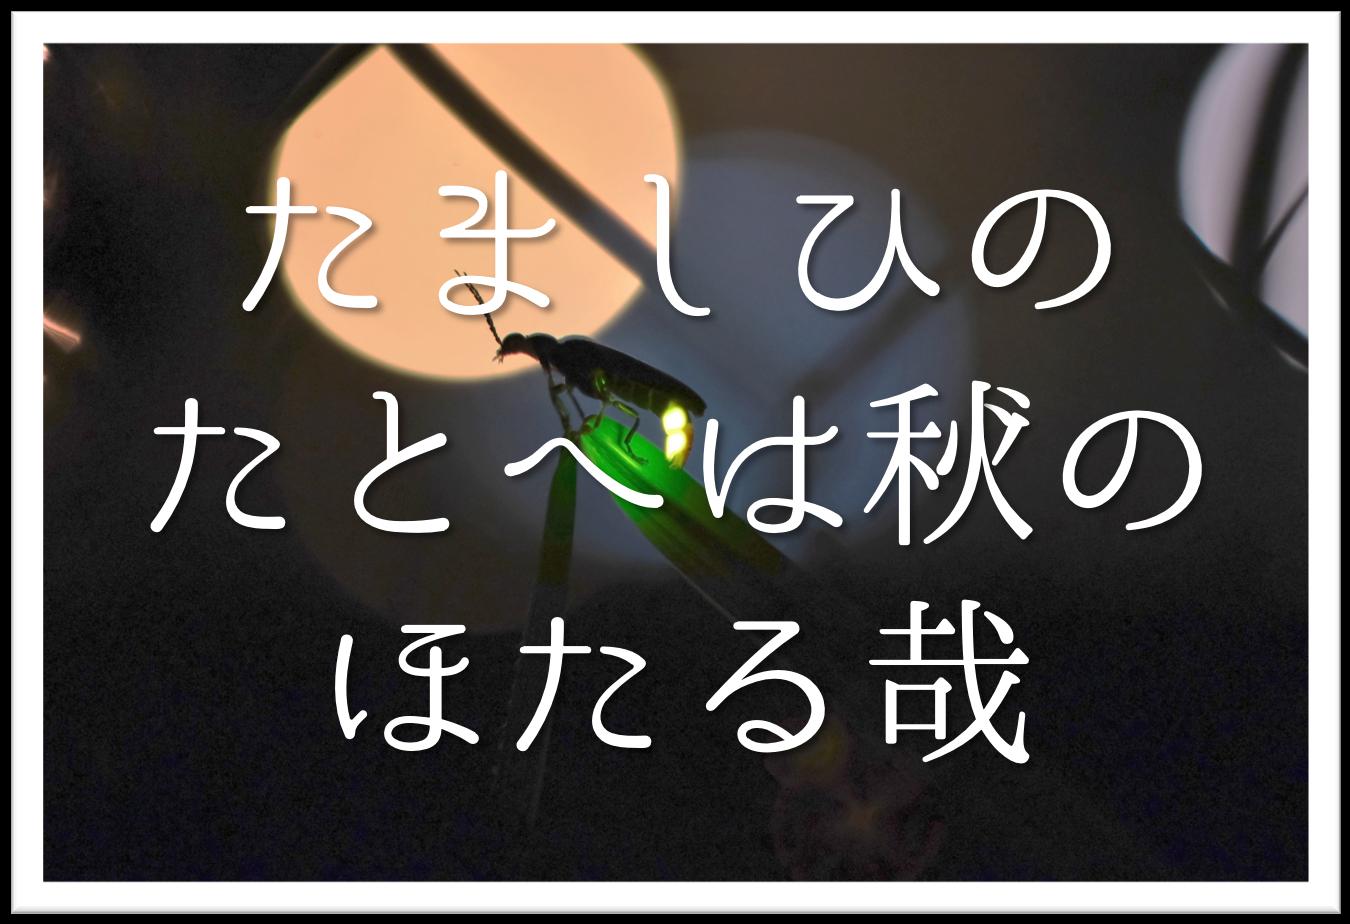 【たましひのたとへば秋のほたる哉】俳句の季語や意味・表現技法・鑑賞・作者など徹底解説!!